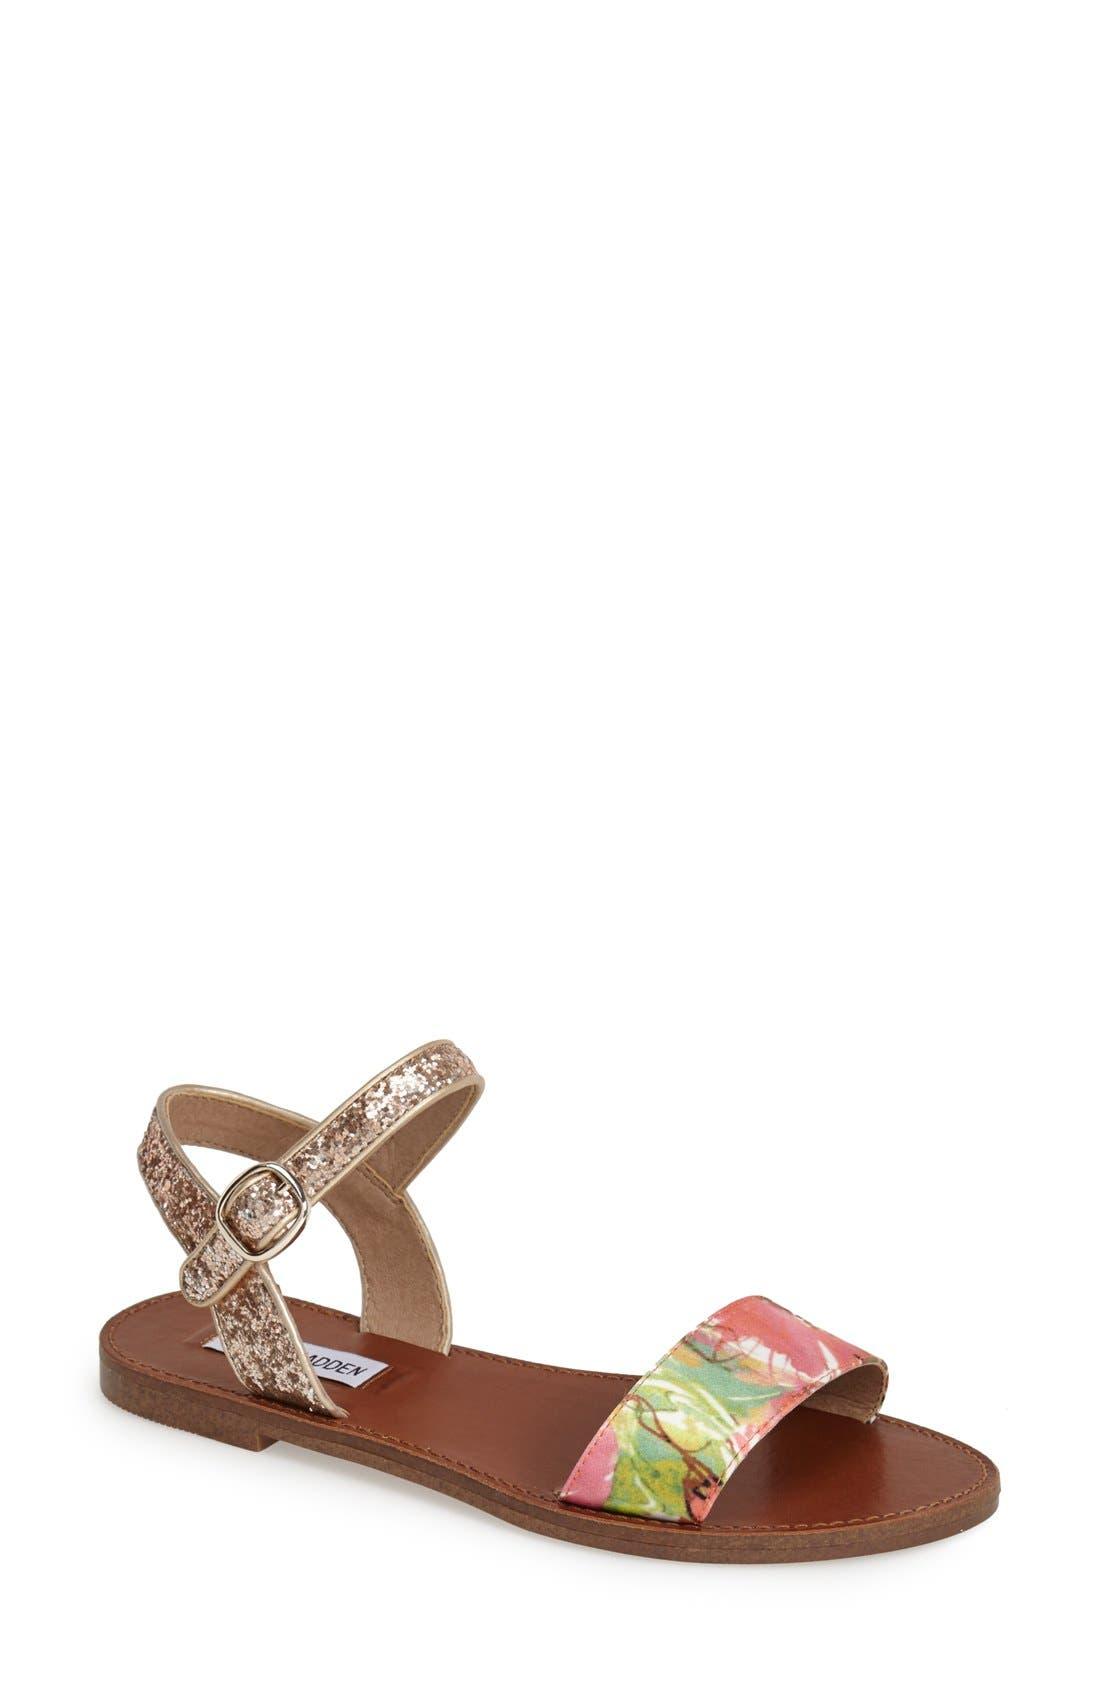 Alternate Image 1 Selected - Steve Madden 'Donddi' Ankle Strap Sandal (Women)